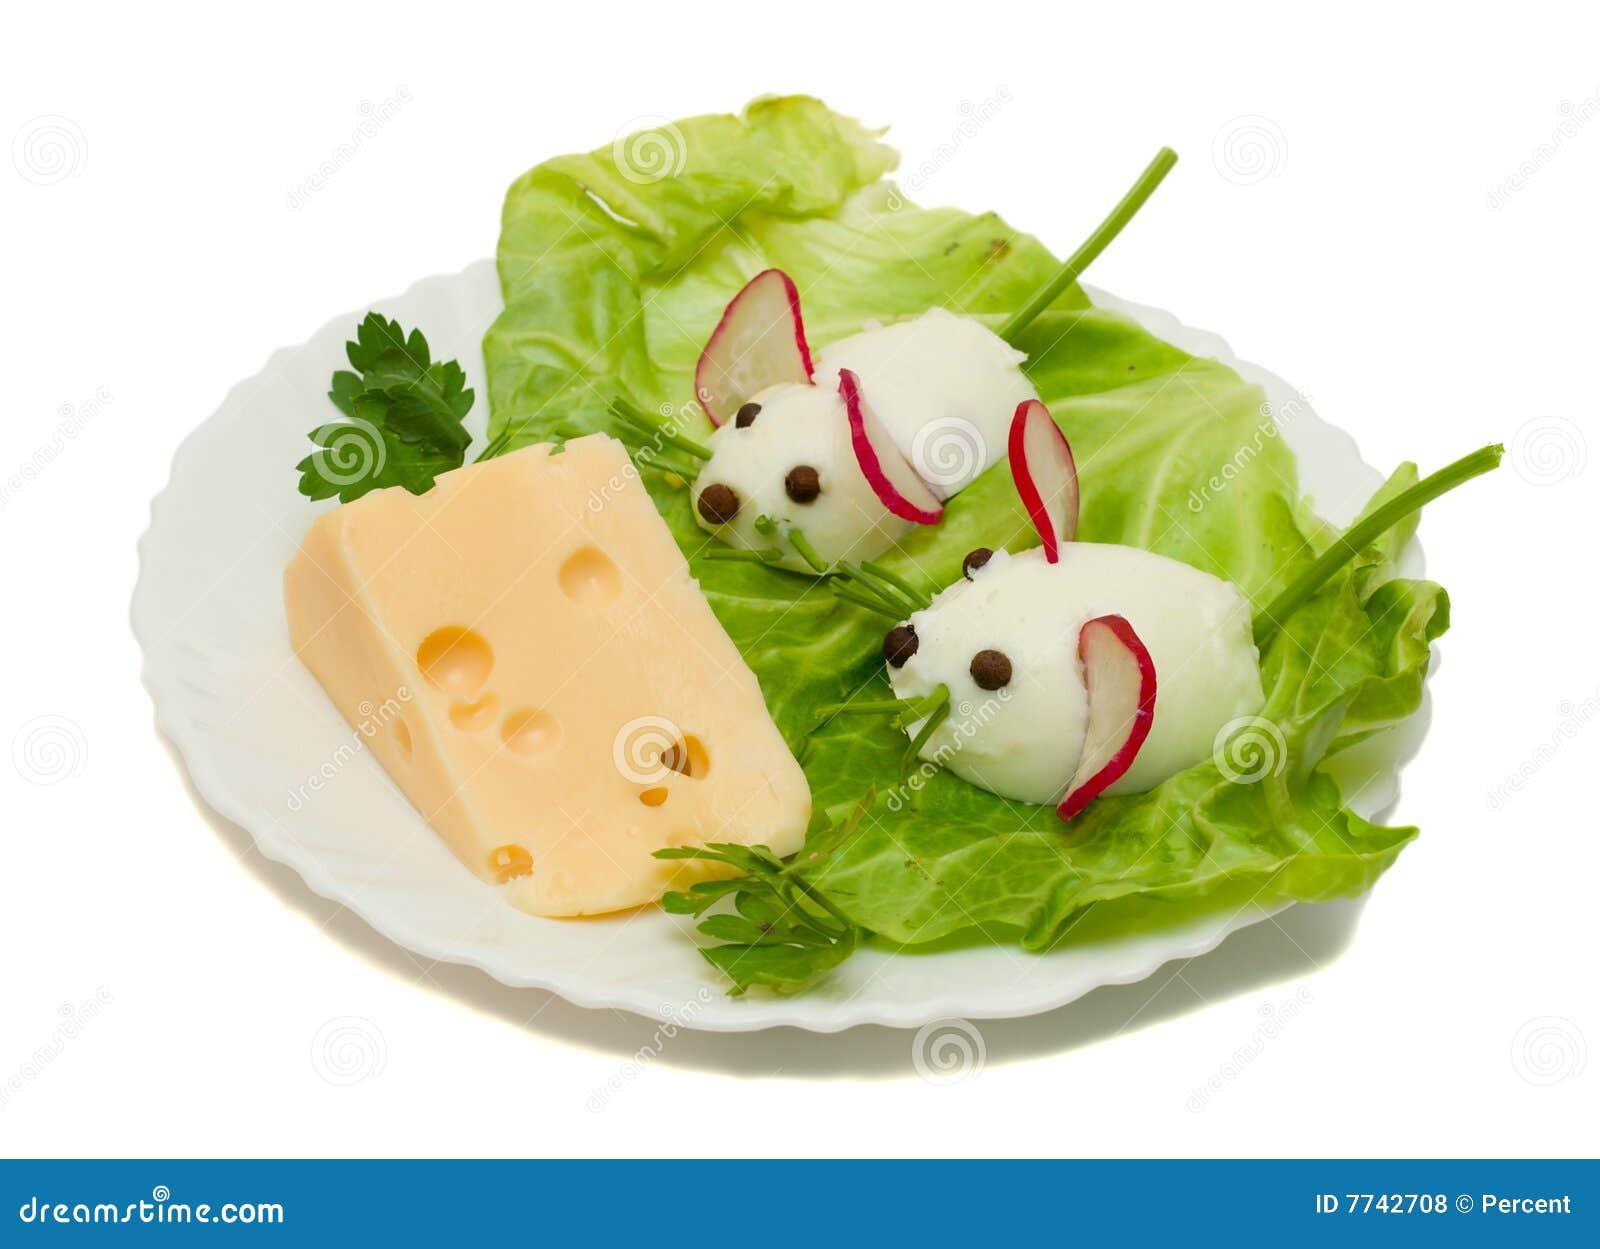 Grappig voedsel - muis twee en kaas